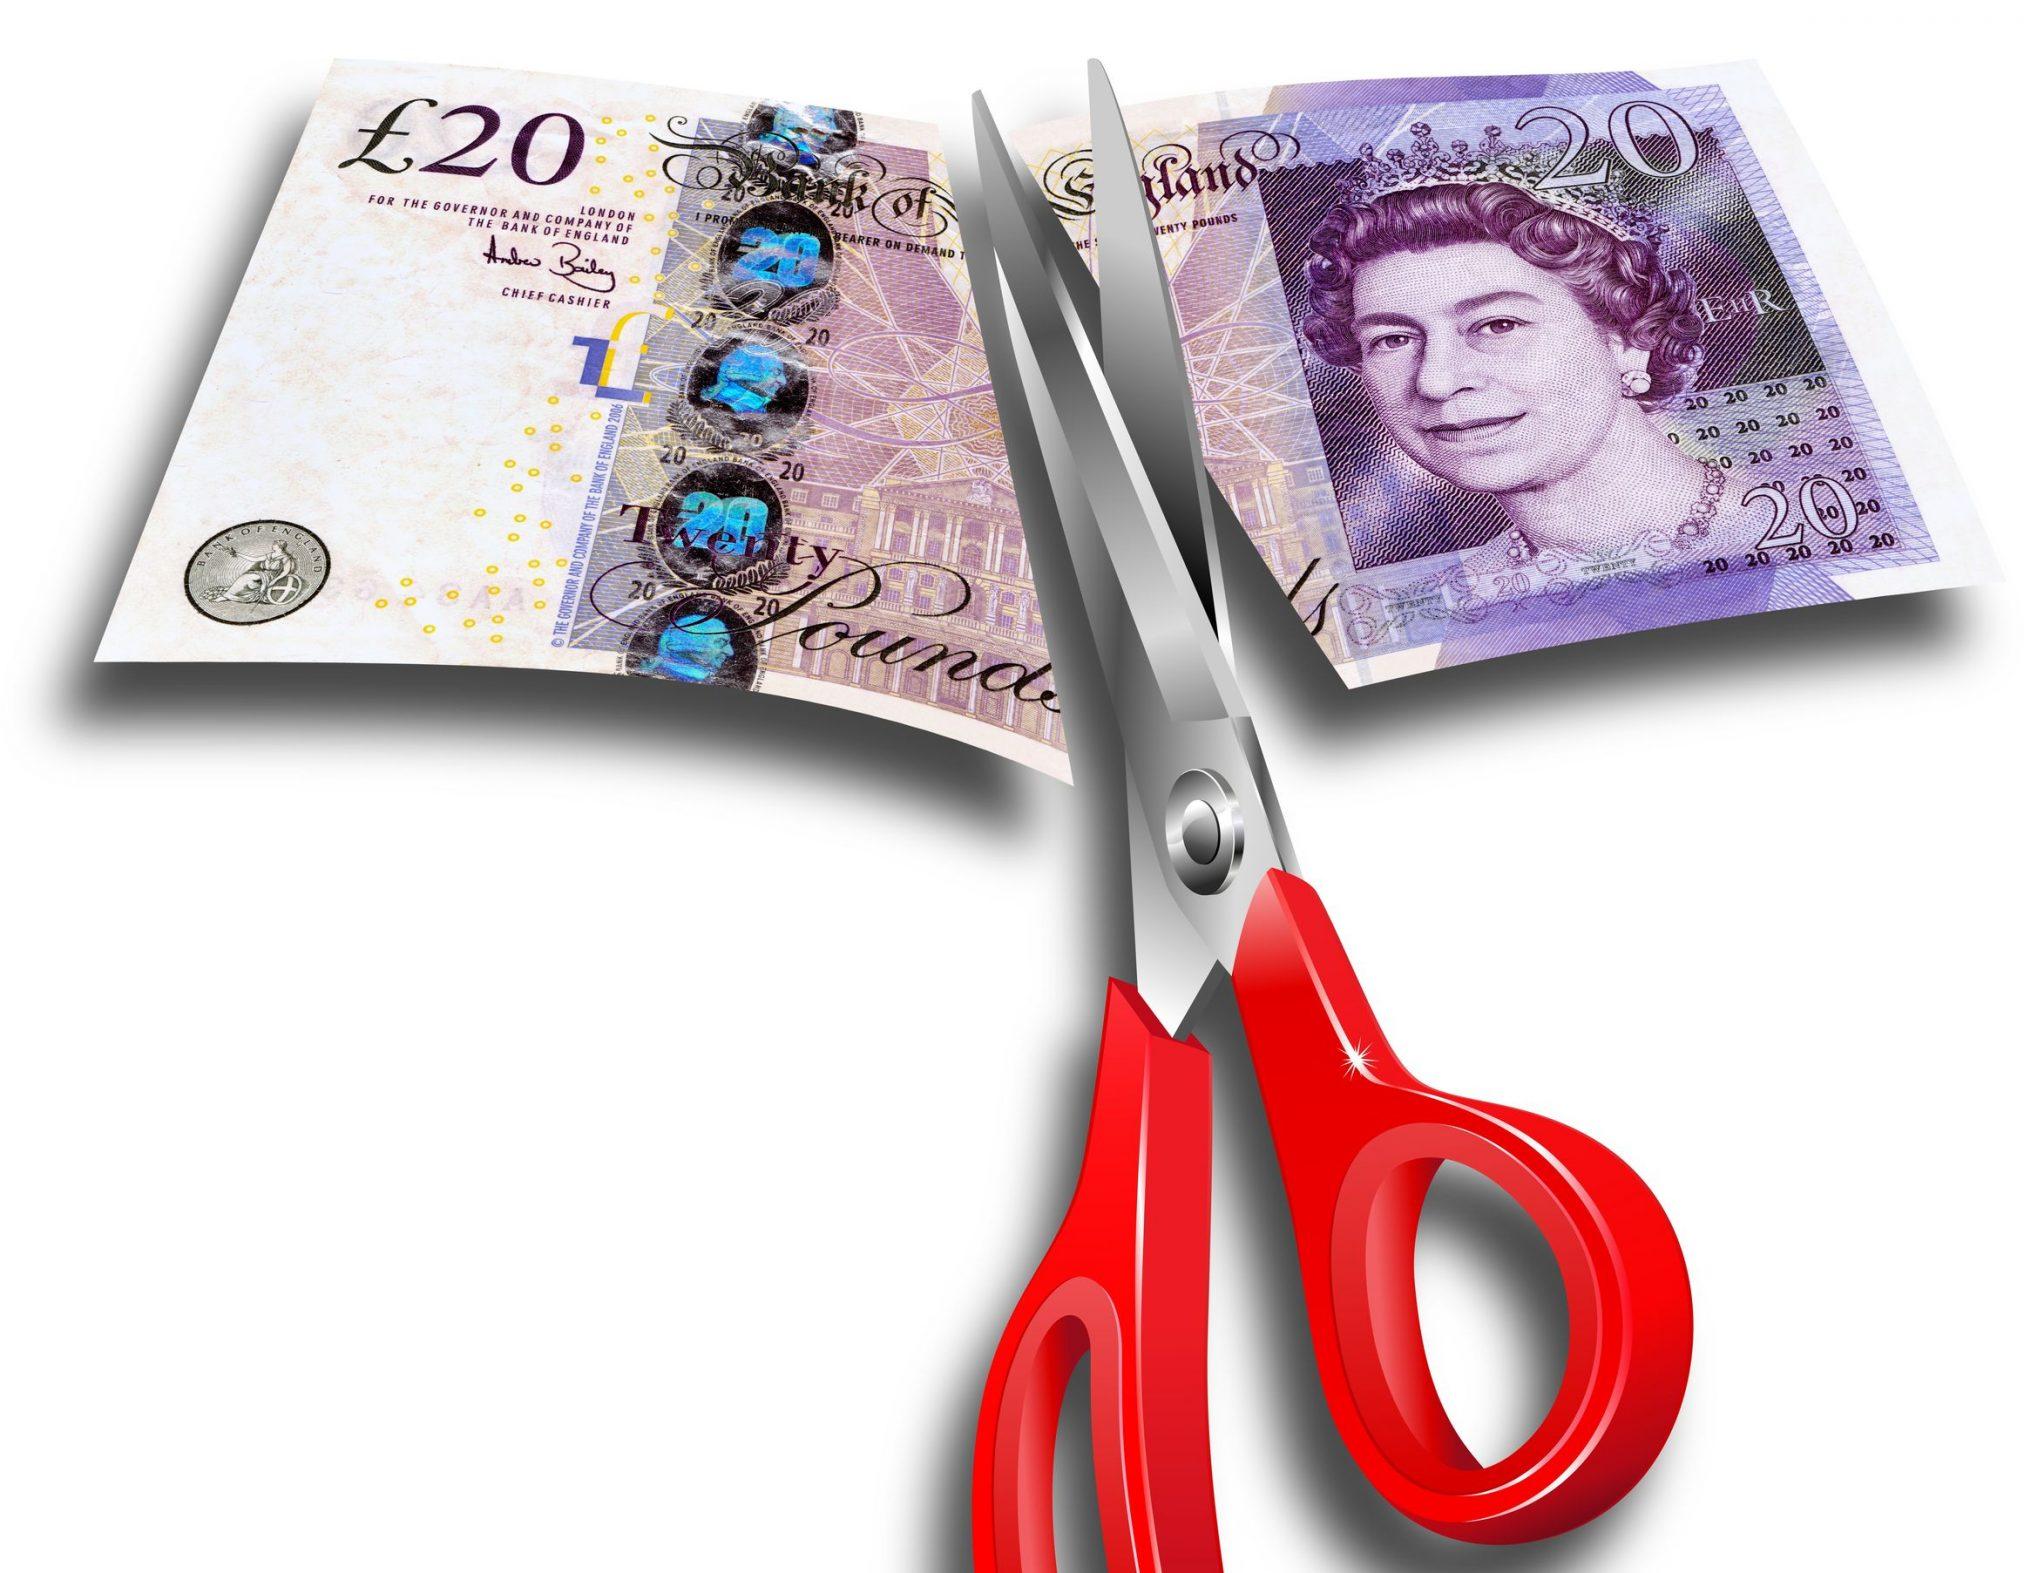 British pound being cut with scissors